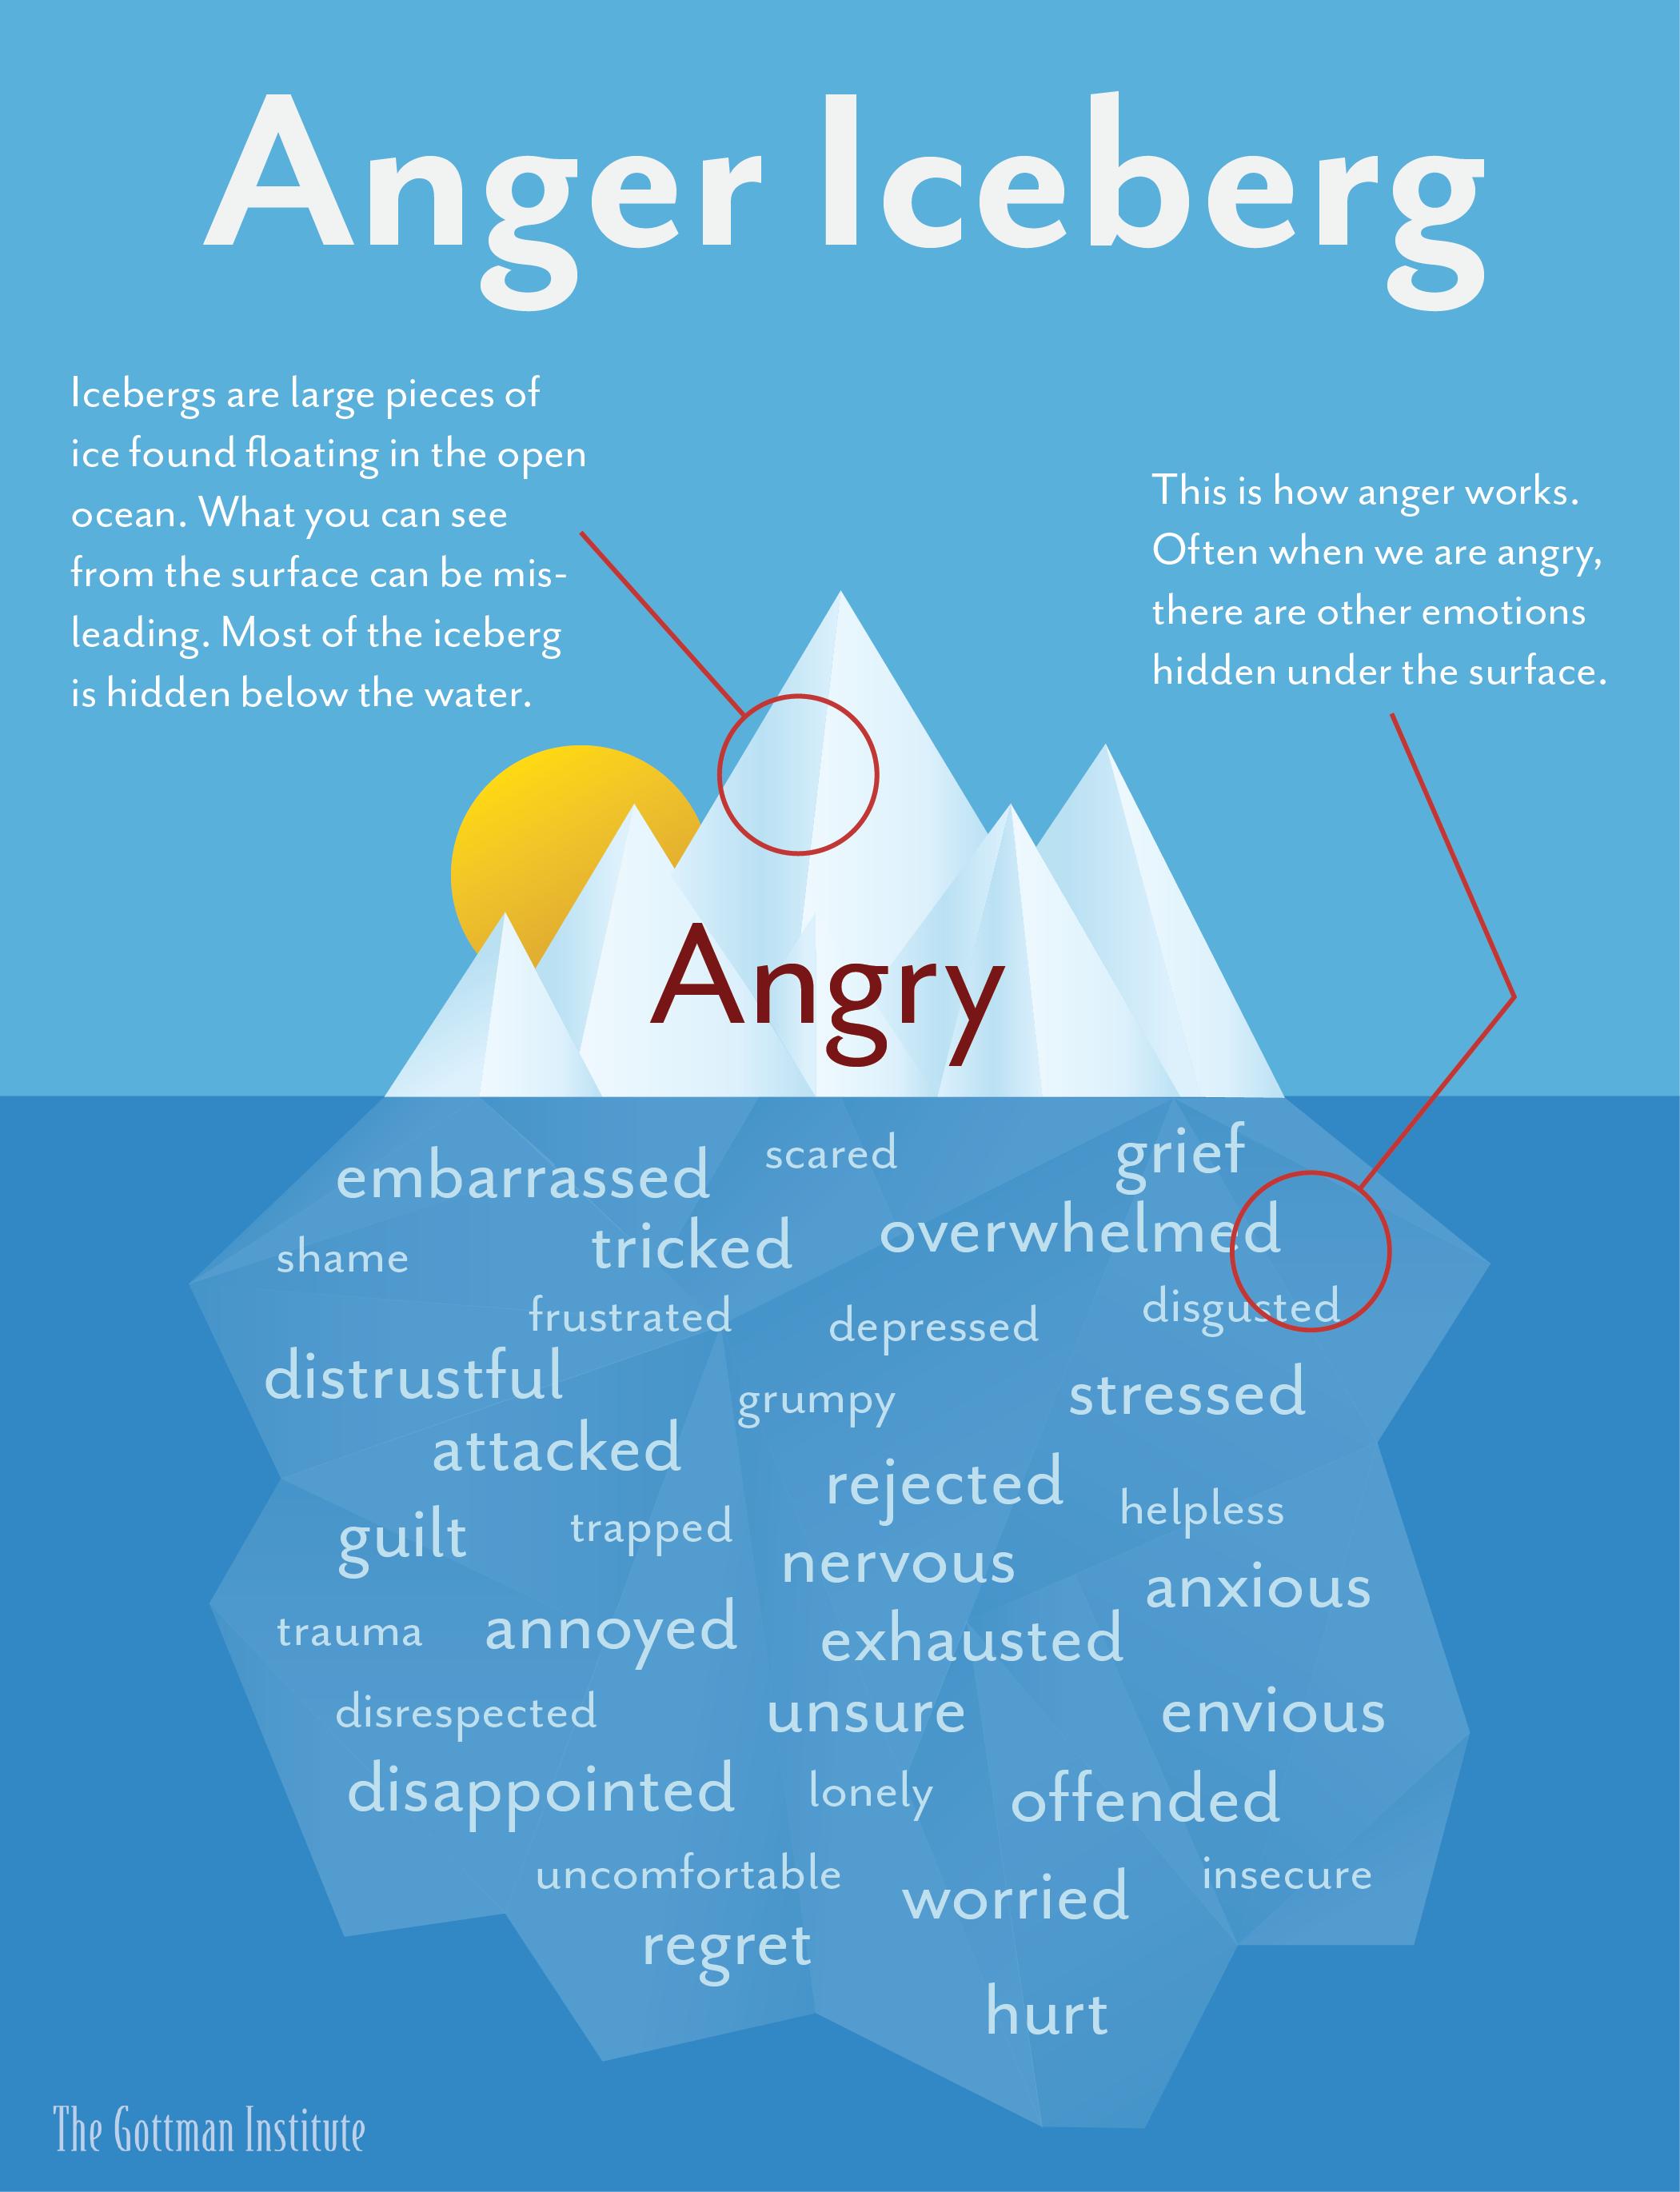 The Anger Iceberg